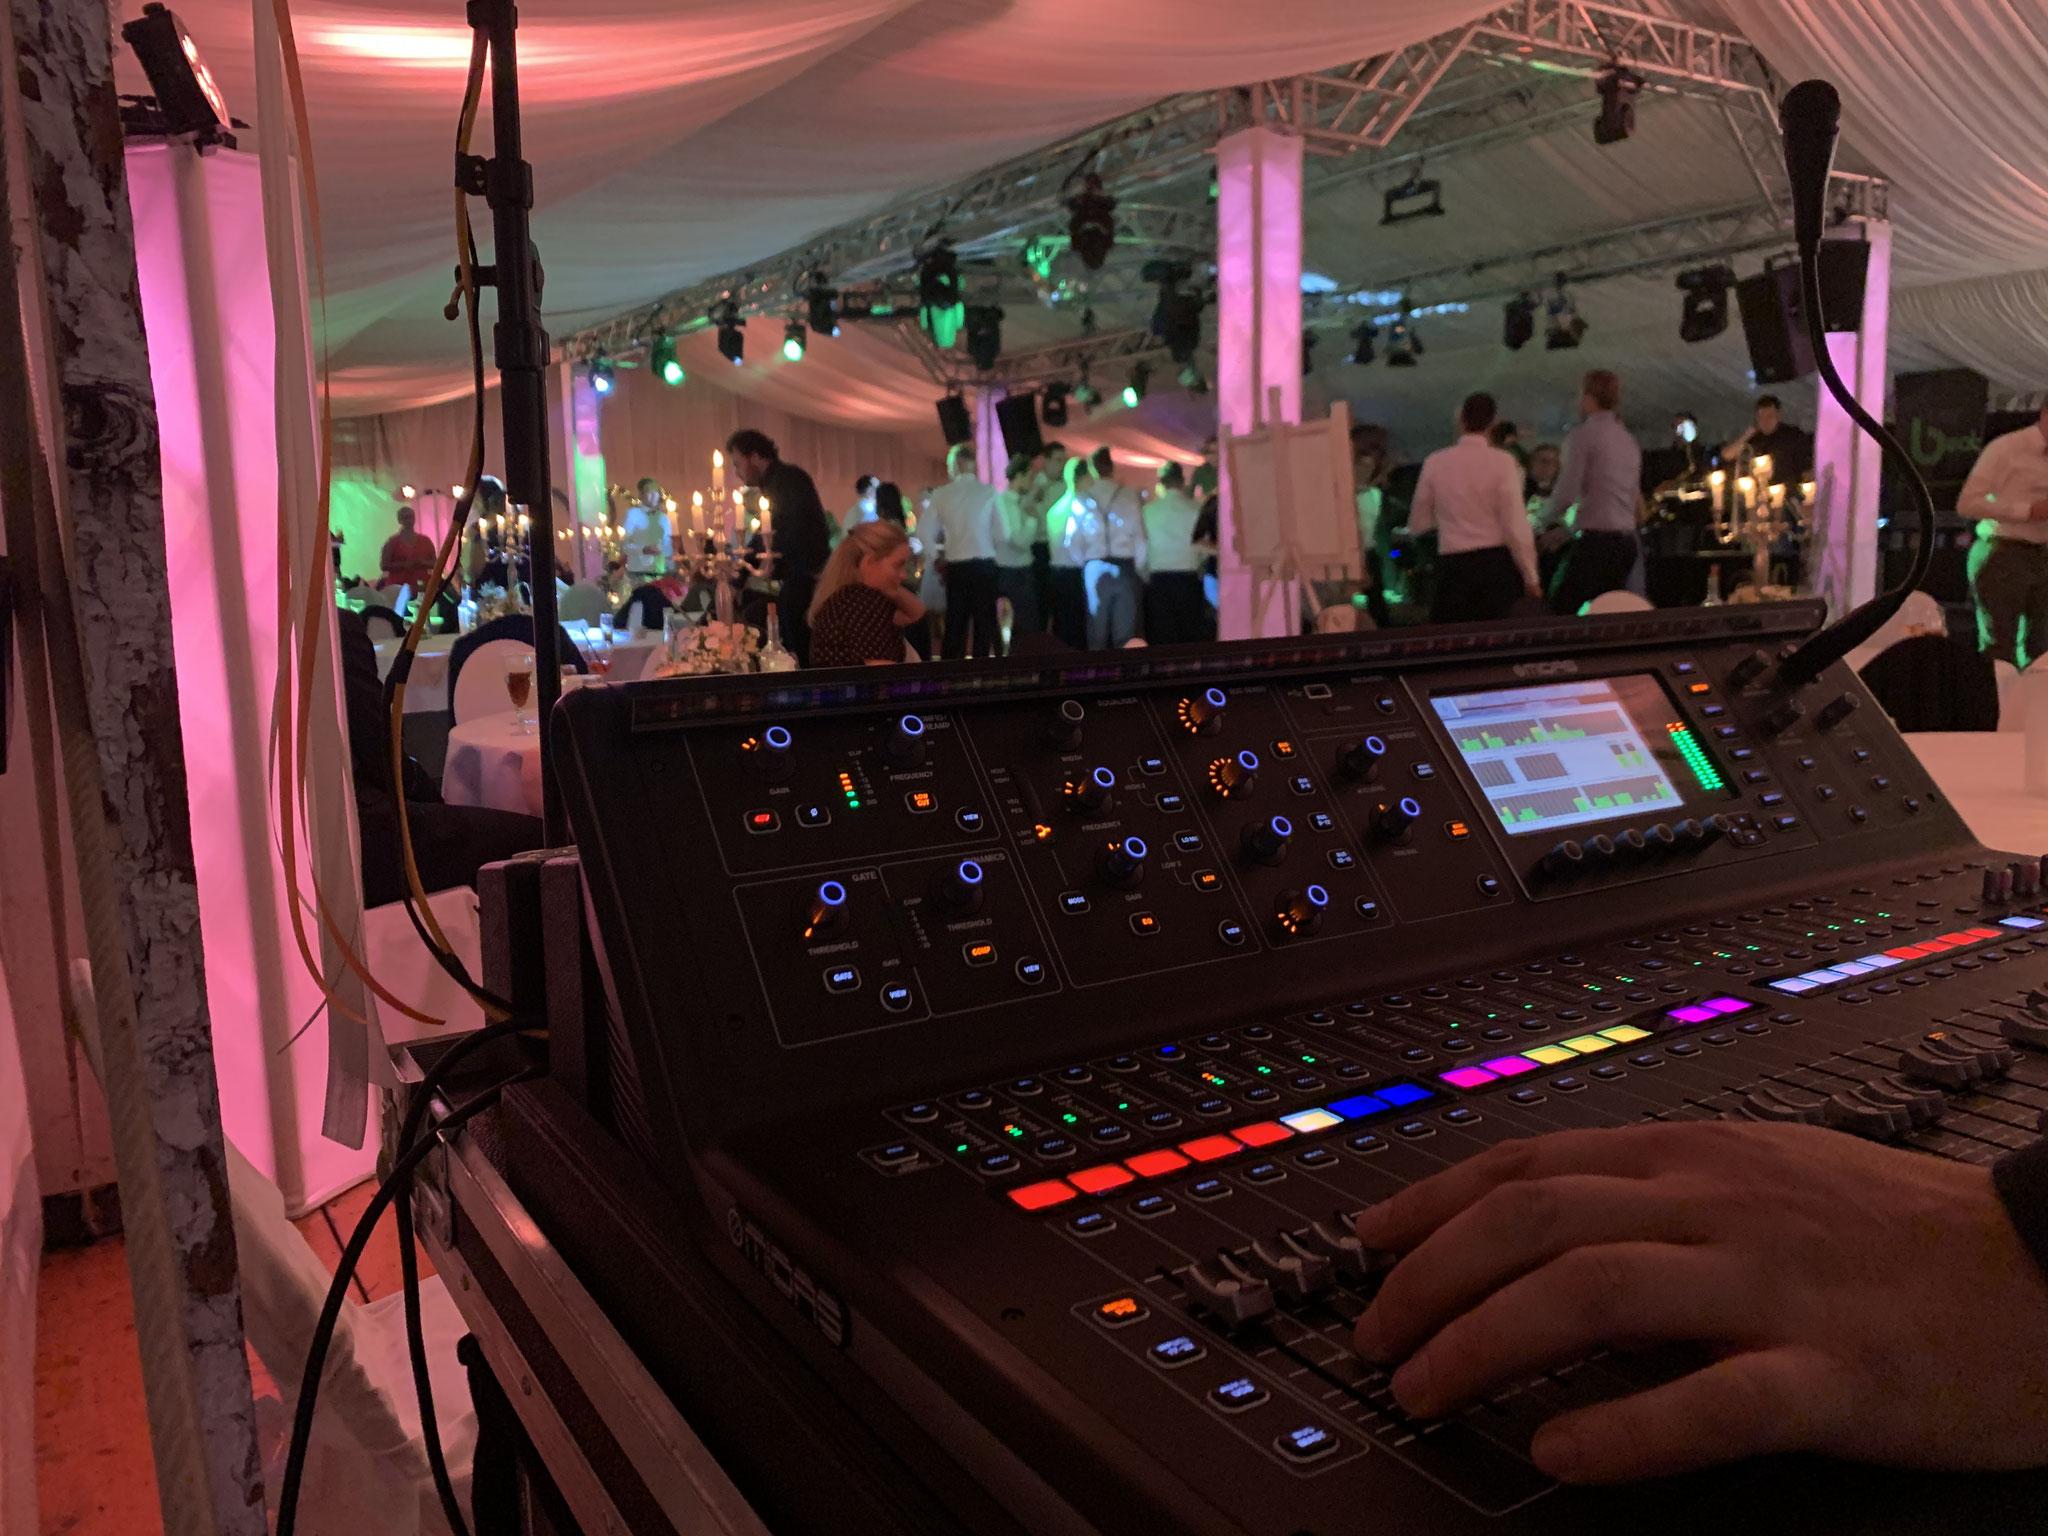 Hochzeitsfeier - Tontechnik